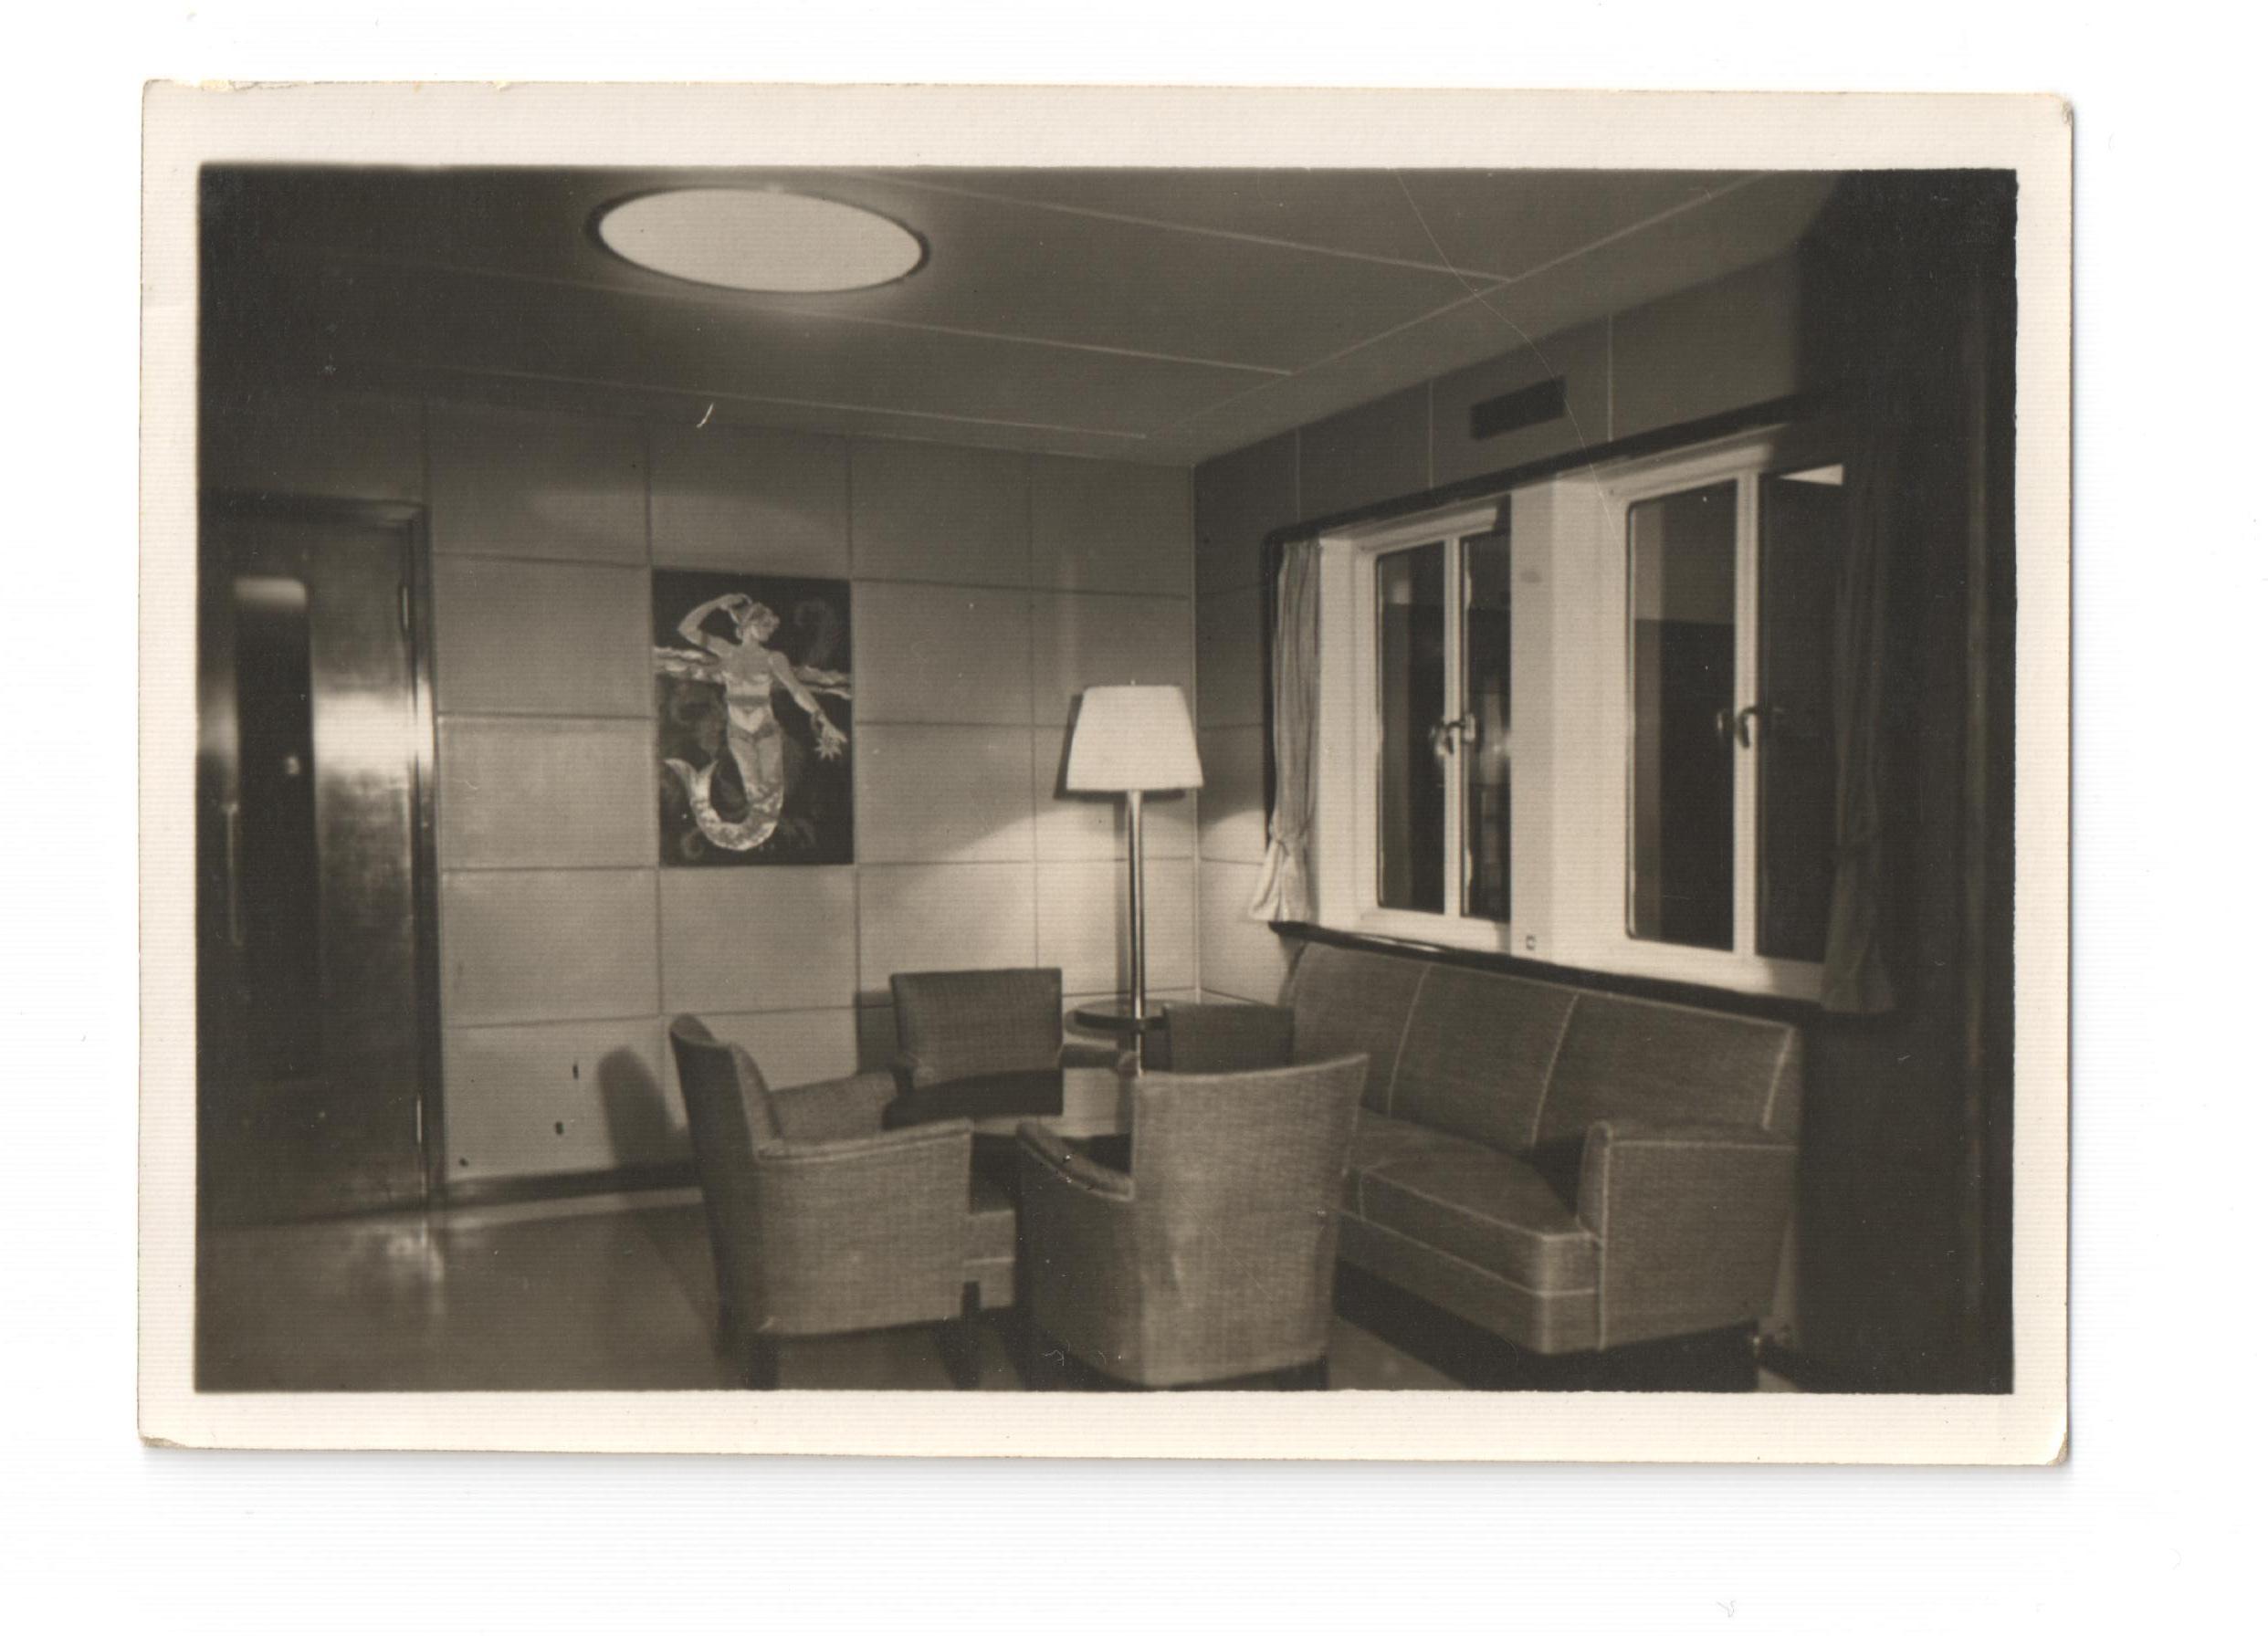 czarno-białe zdjęcie z wnętrza statku